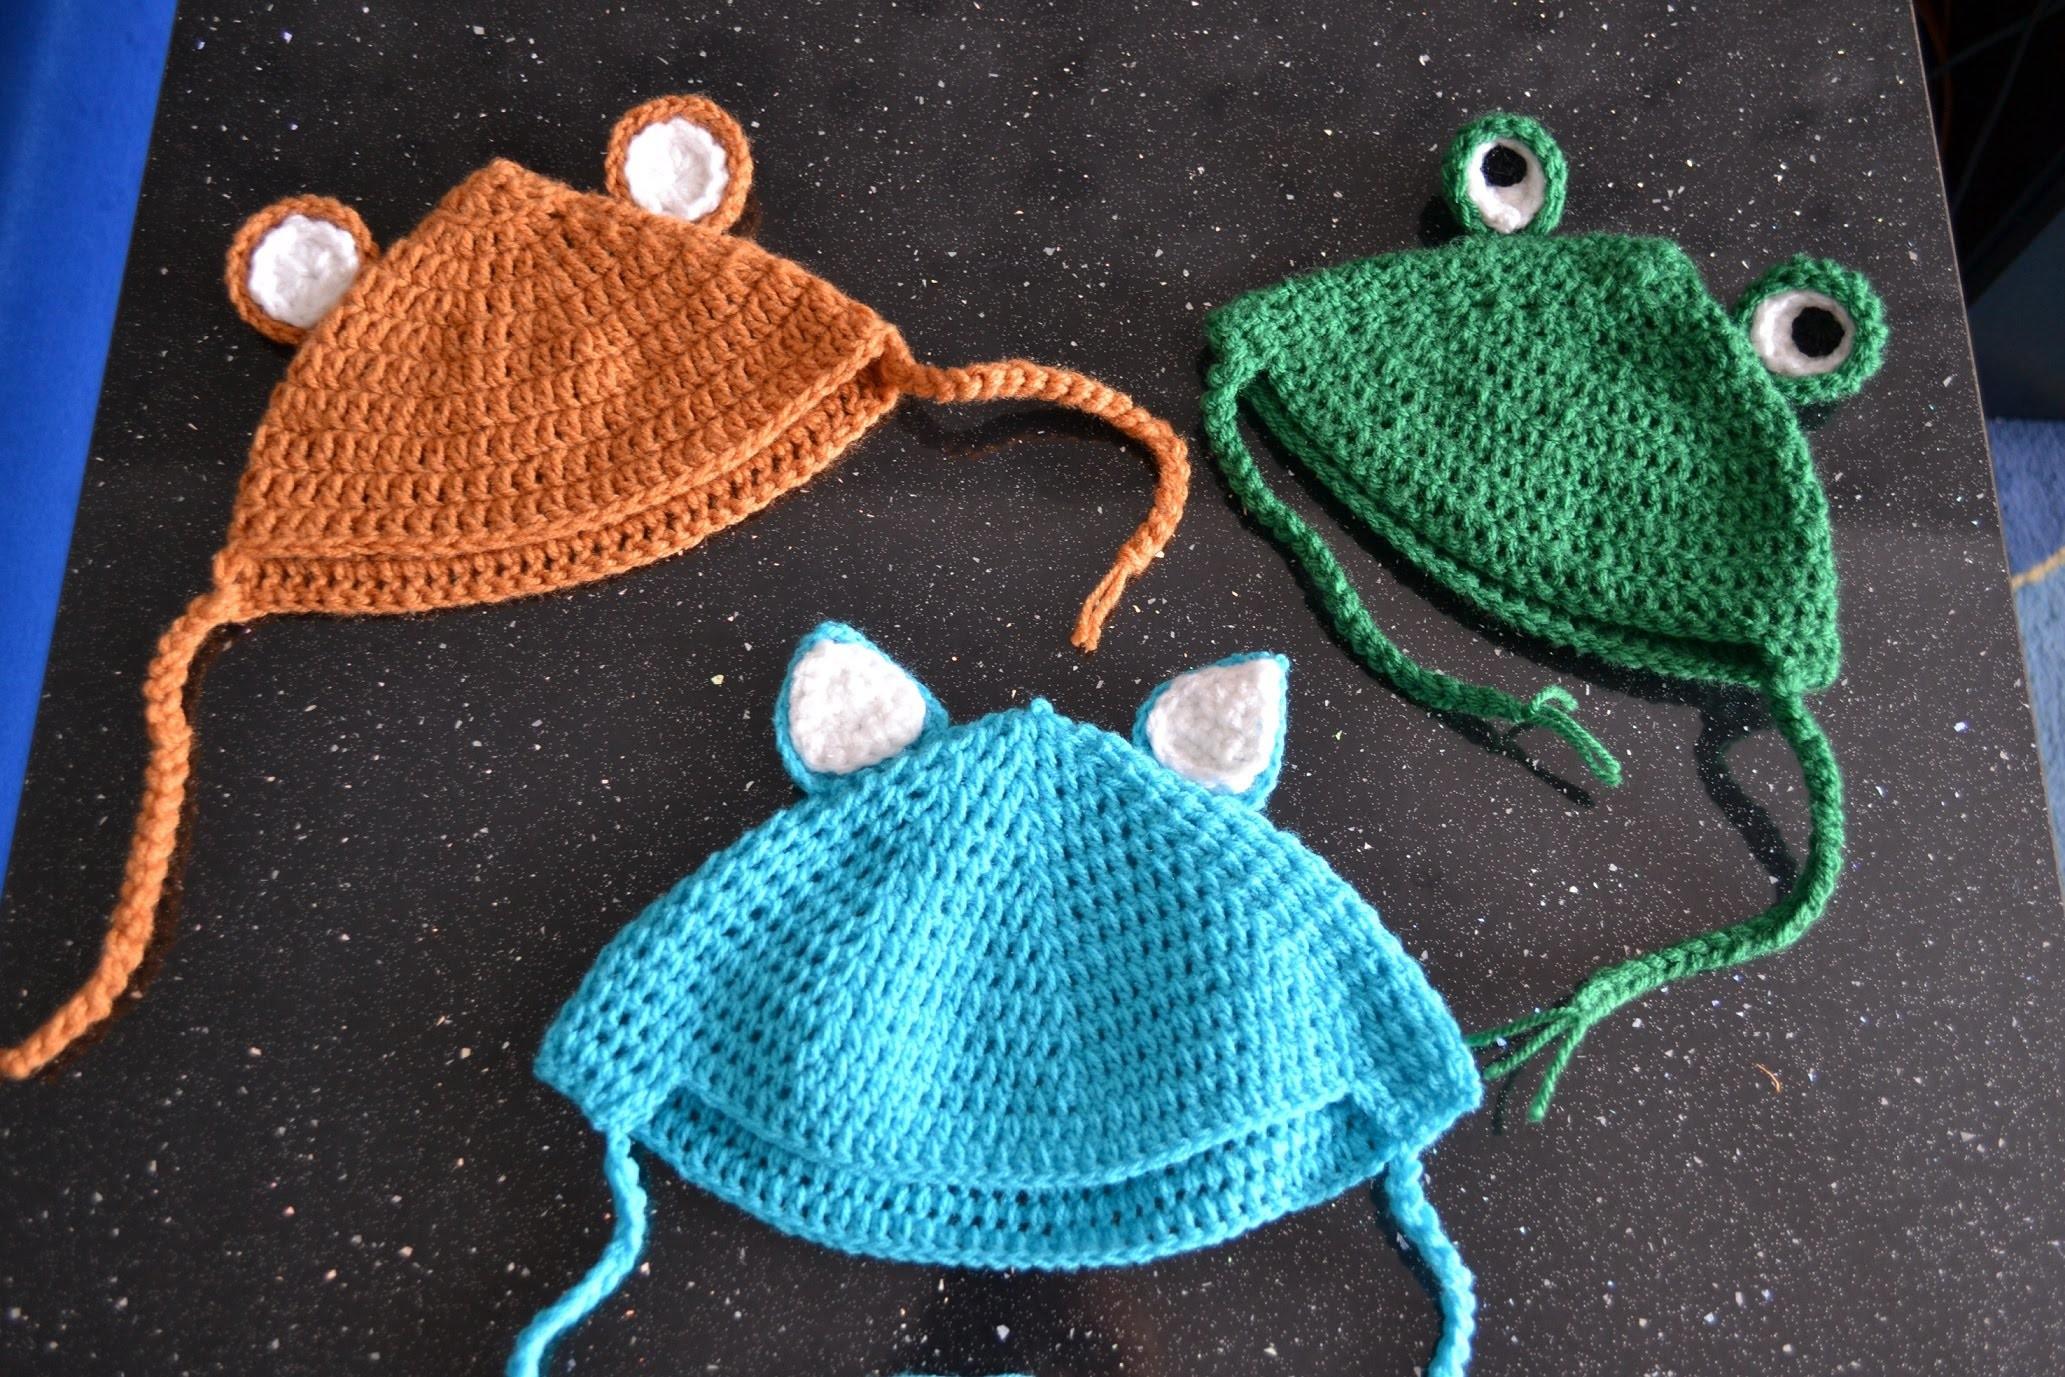 Czapka na szydełku dla dziecka kot I żaba I miś crochet baby hat